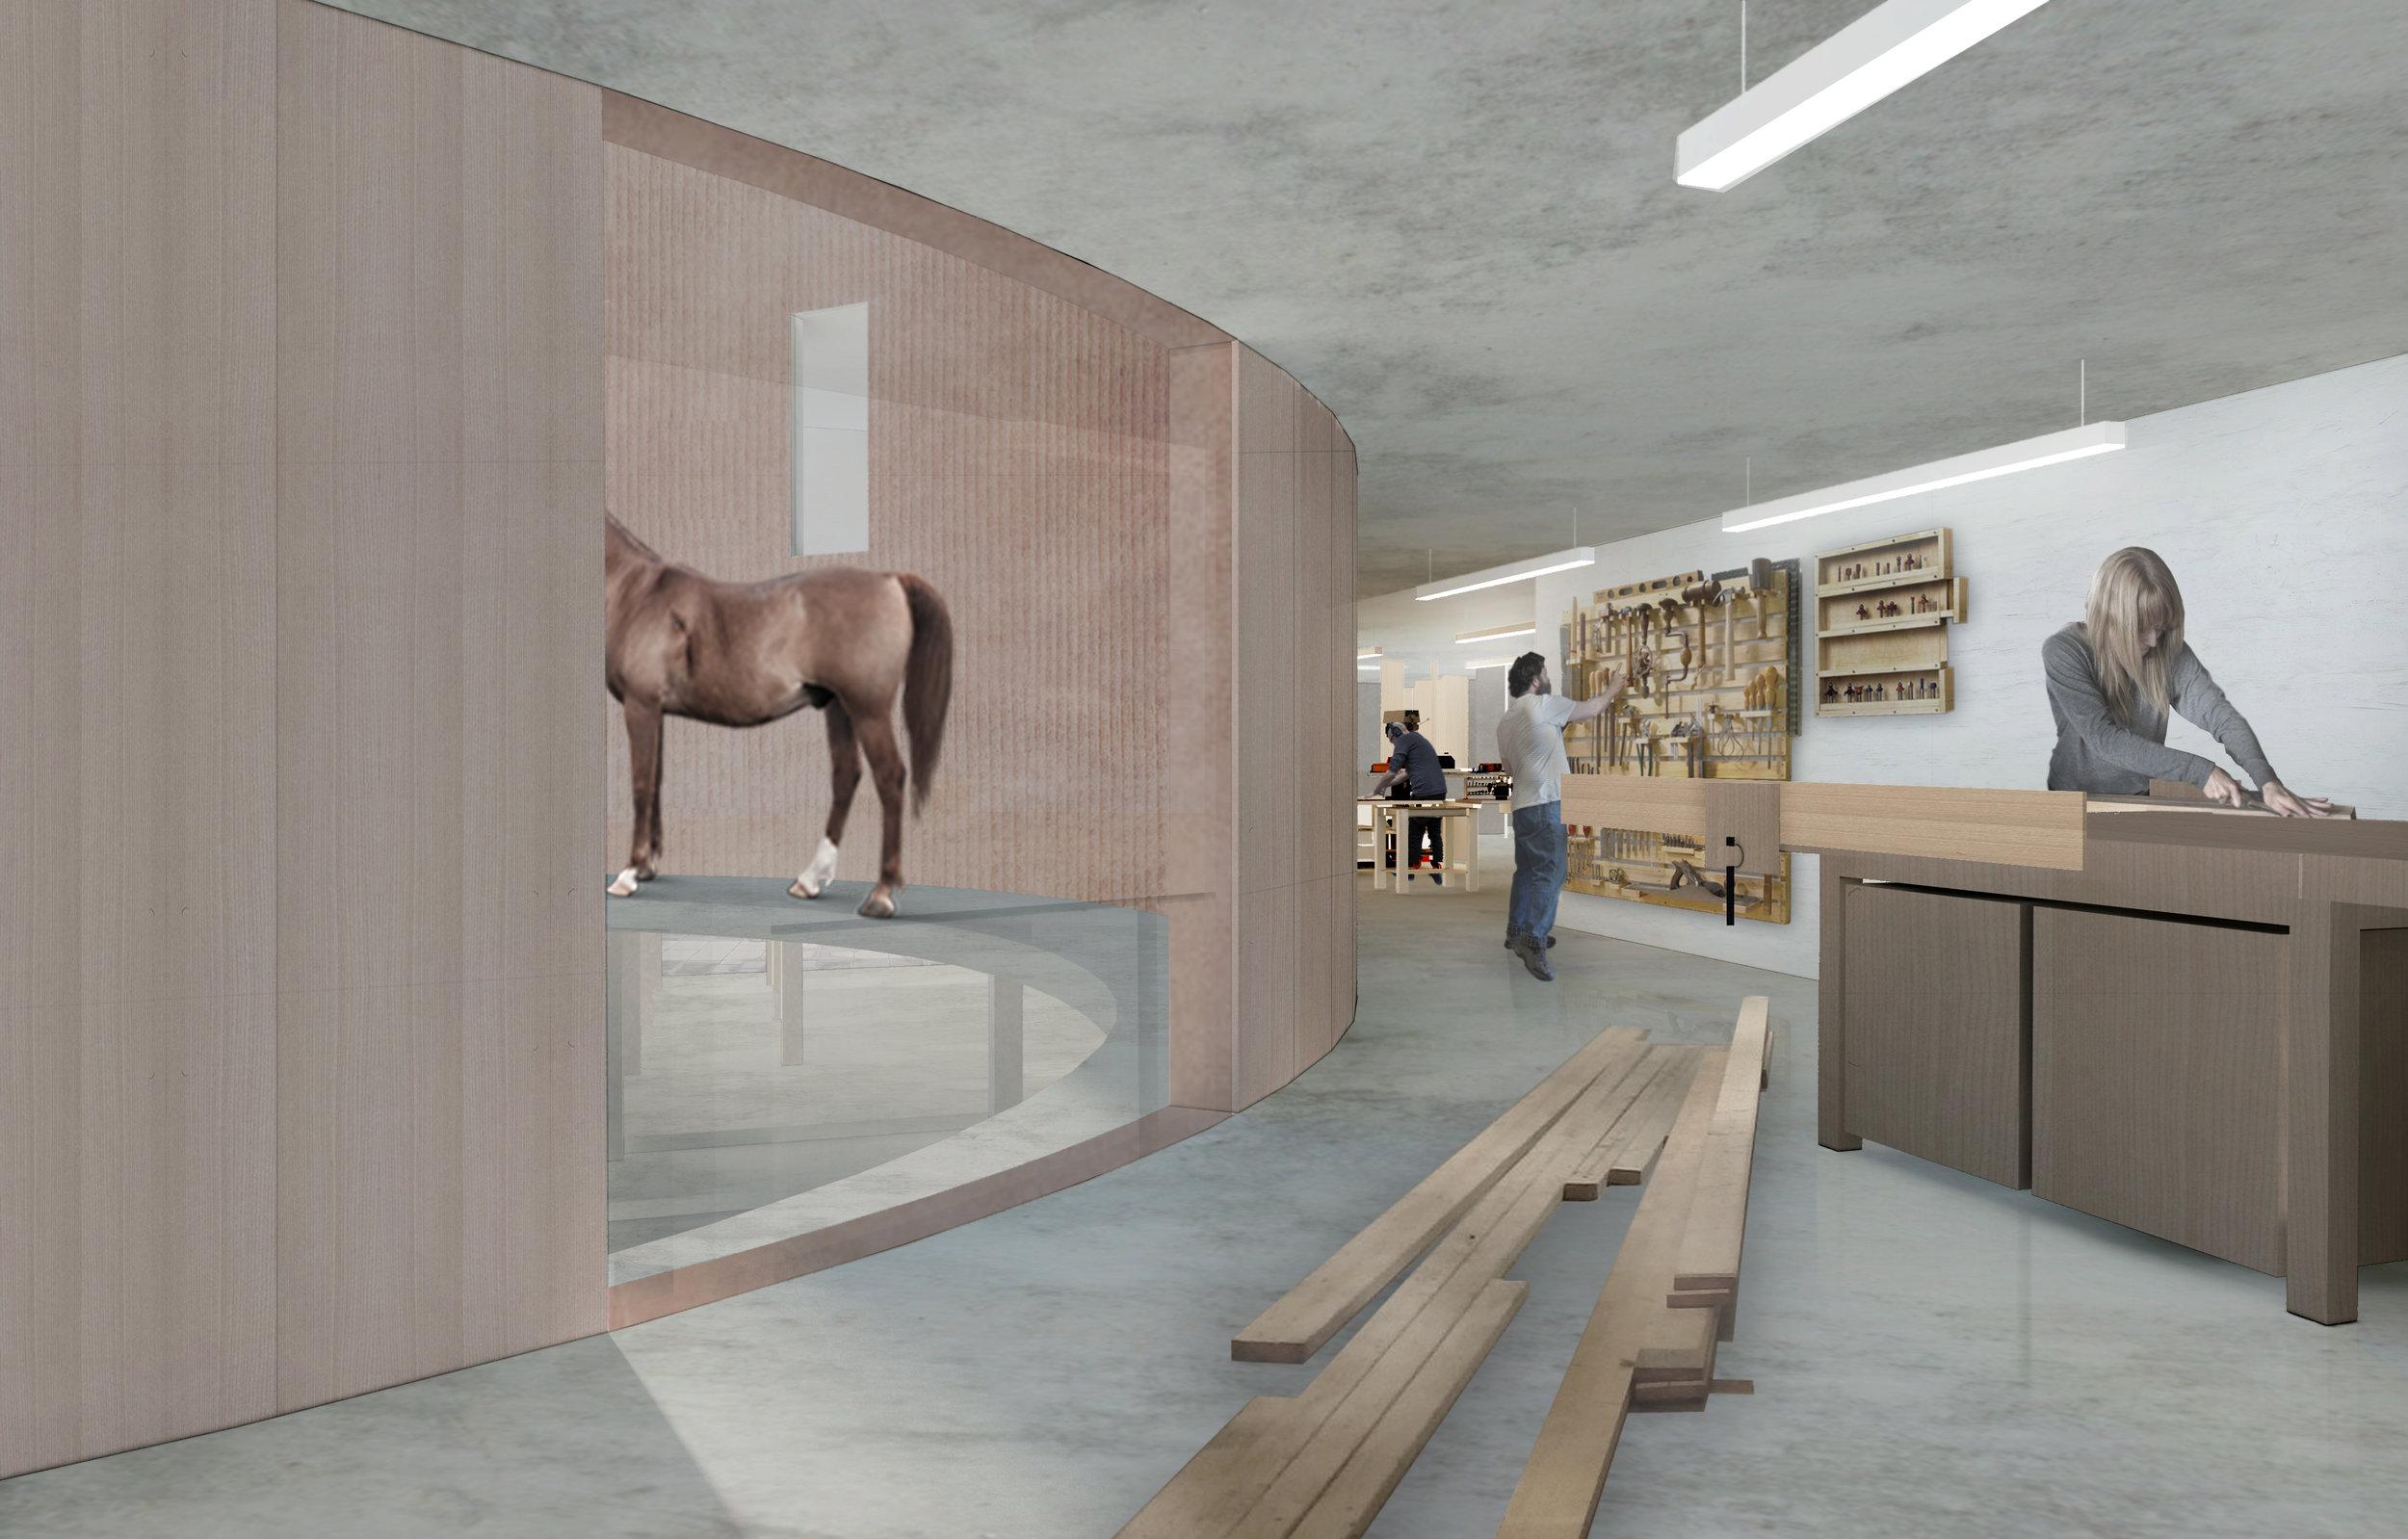 Workshop Interior View.jpg